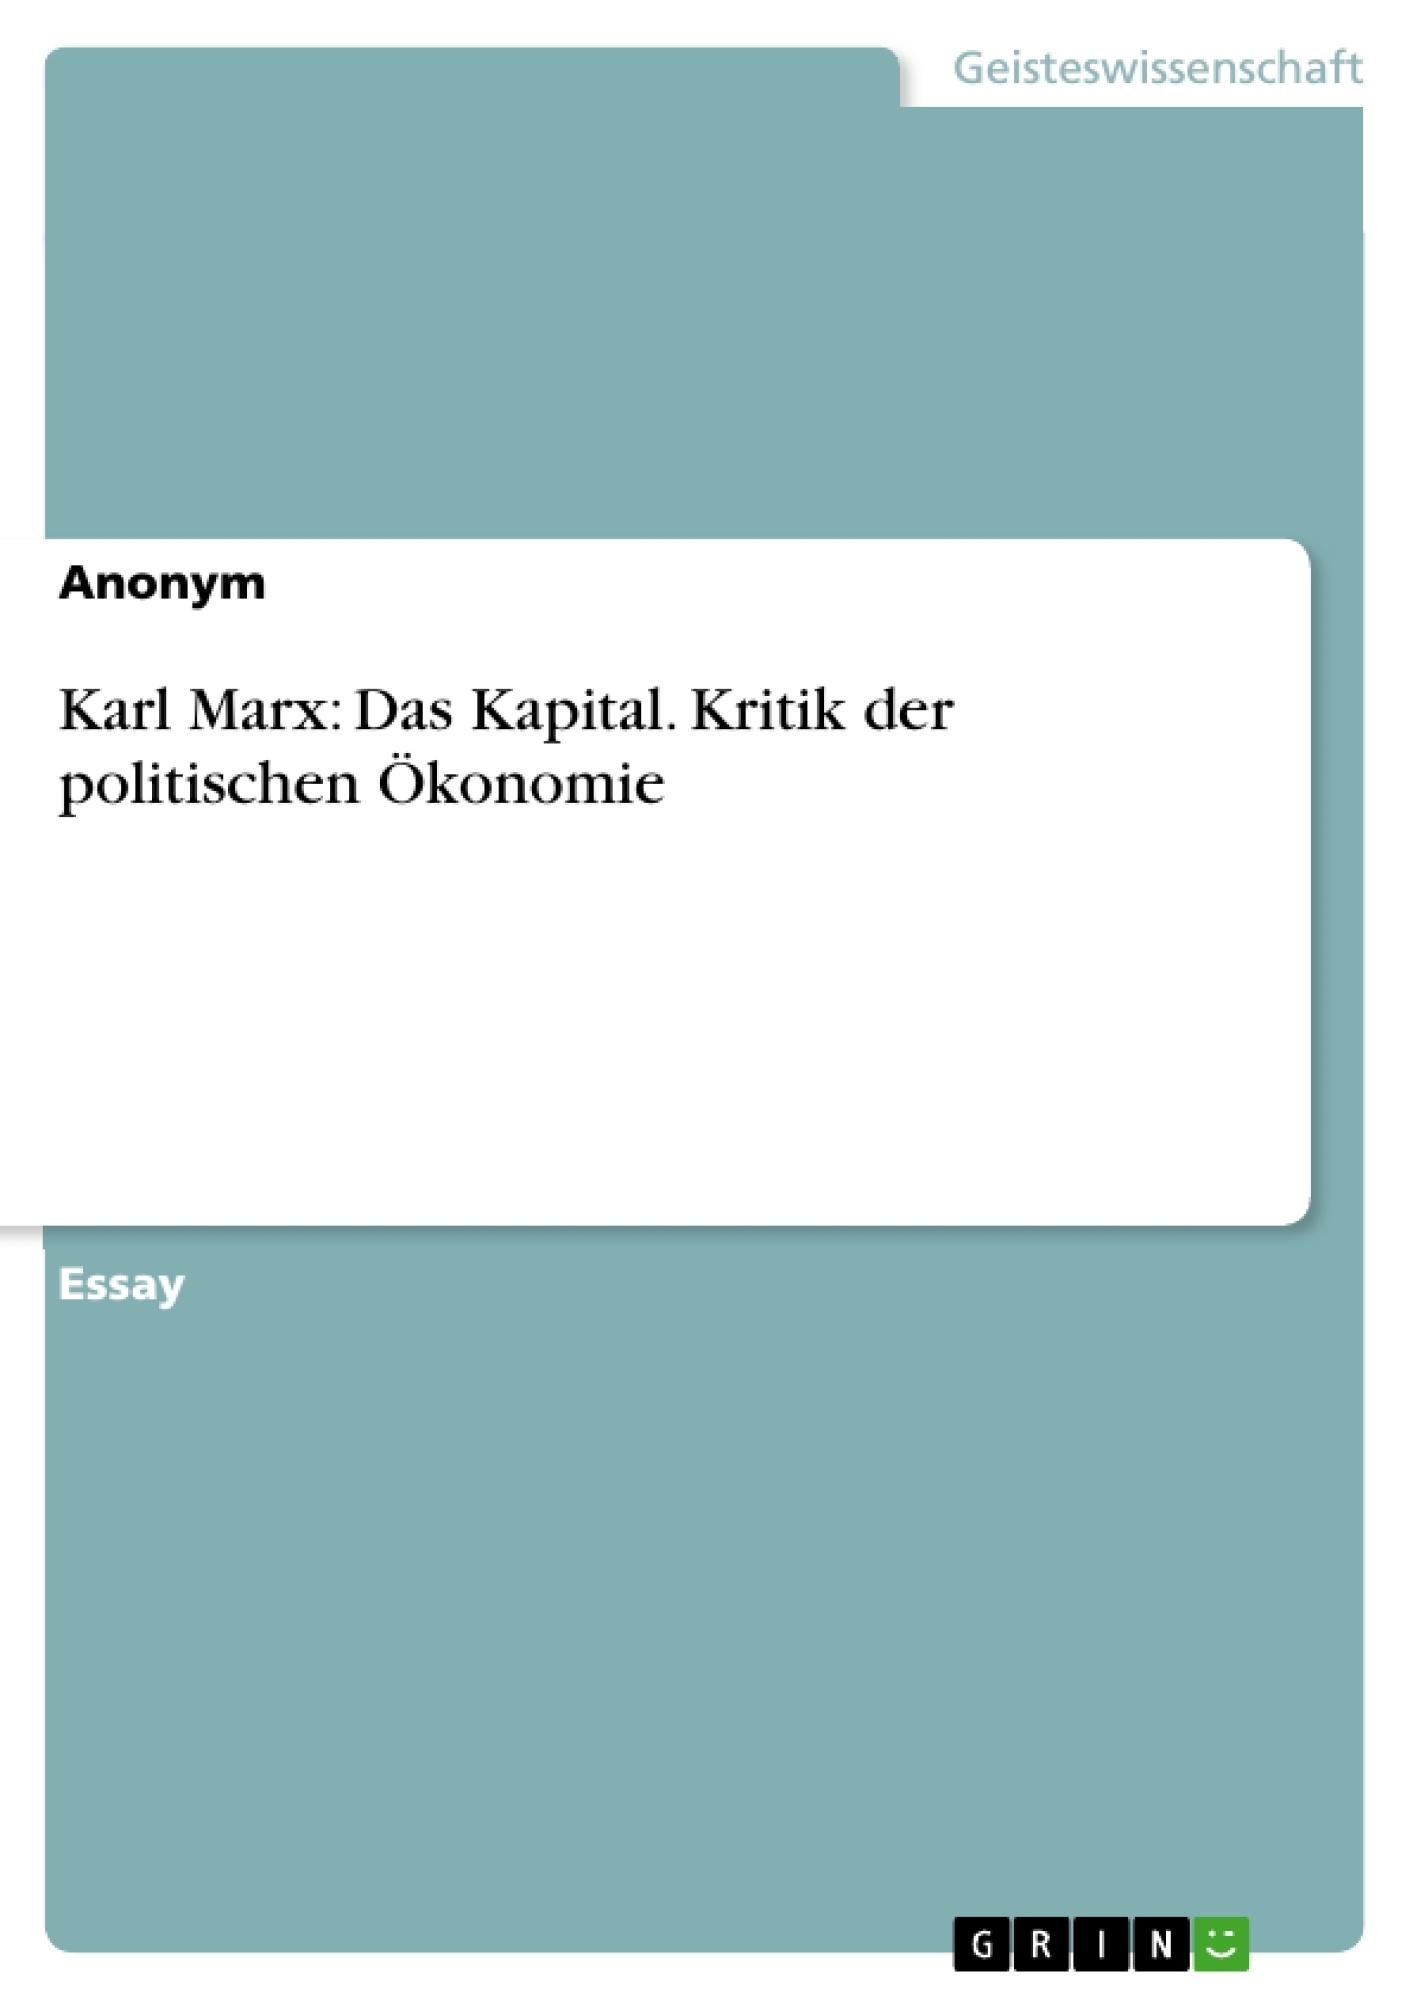 Titel: Karl Marx: Das Kapital. Kritik der politischen Ökonomie